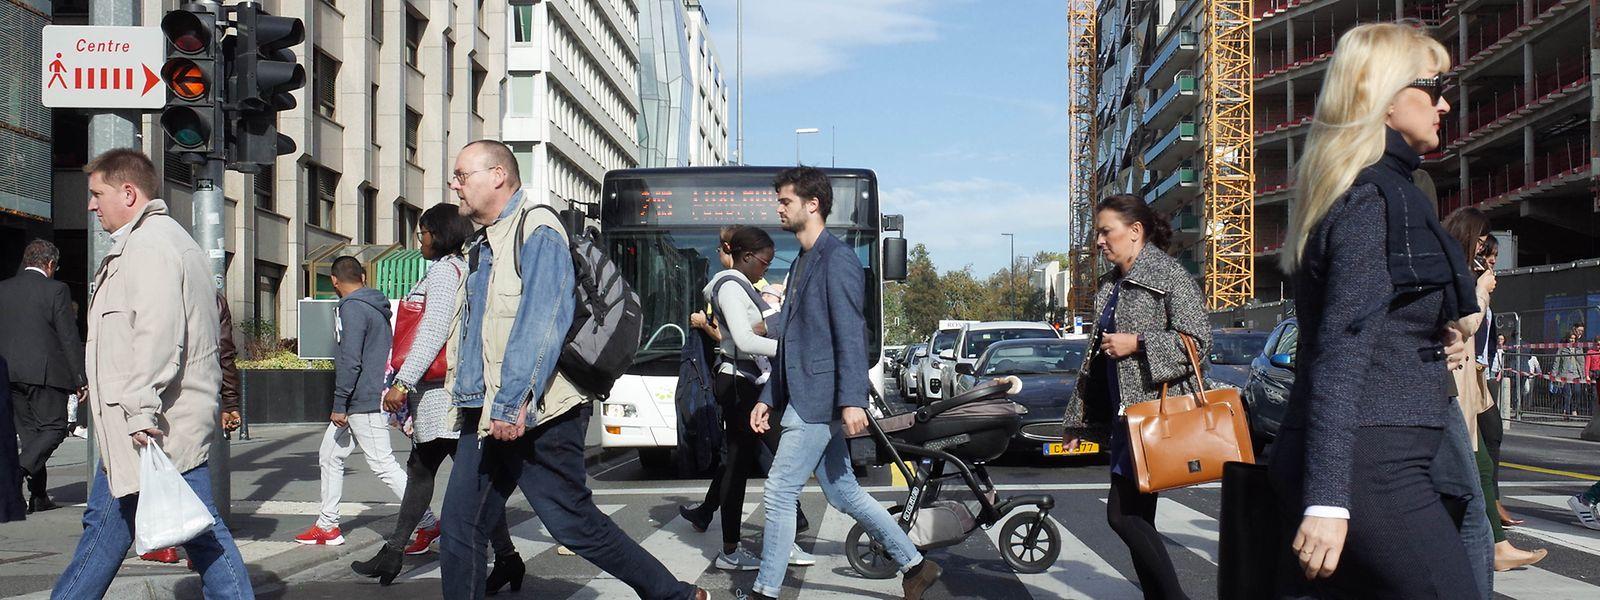 Près de 111.000 des 122.000 résidents de la capitale sont issus de pays de l'Union européenne.